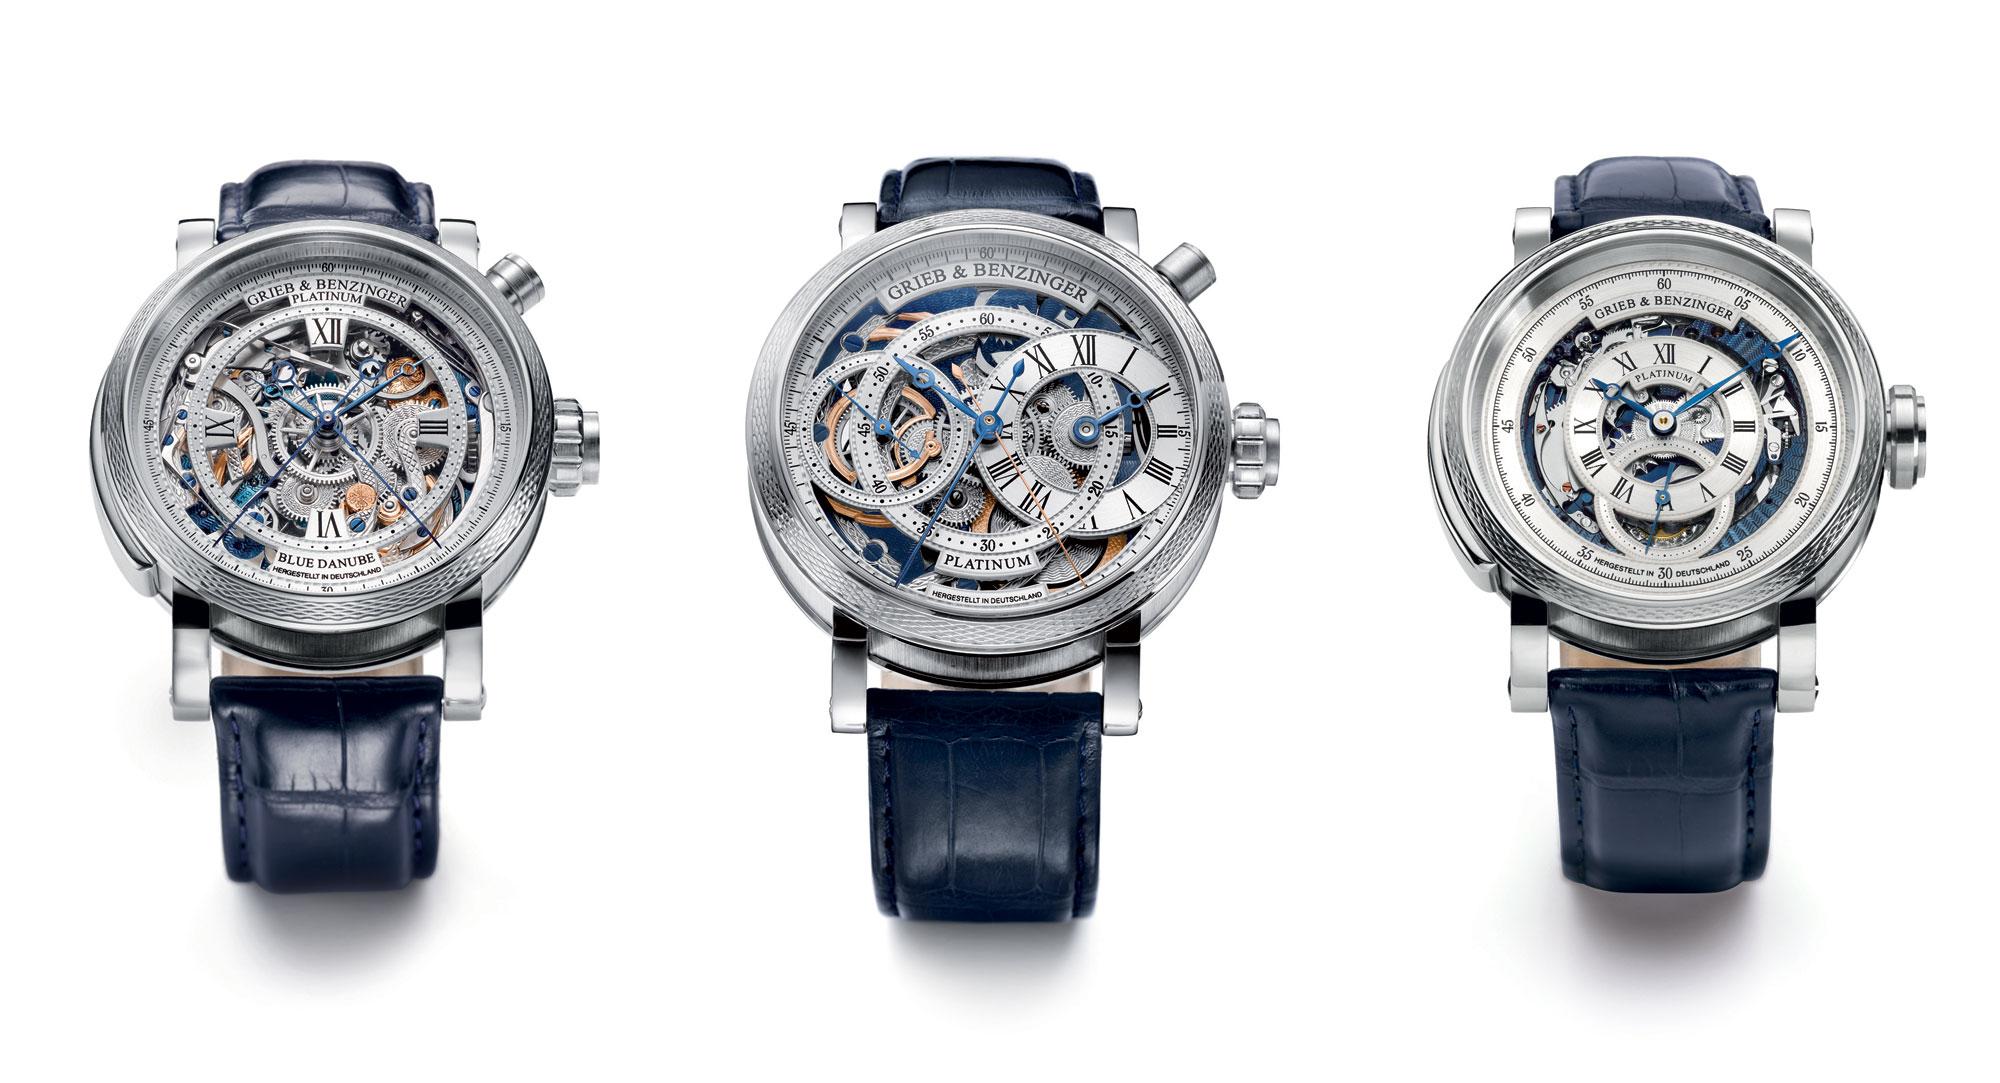 The Grieb & Benzinger platinum masterpieces